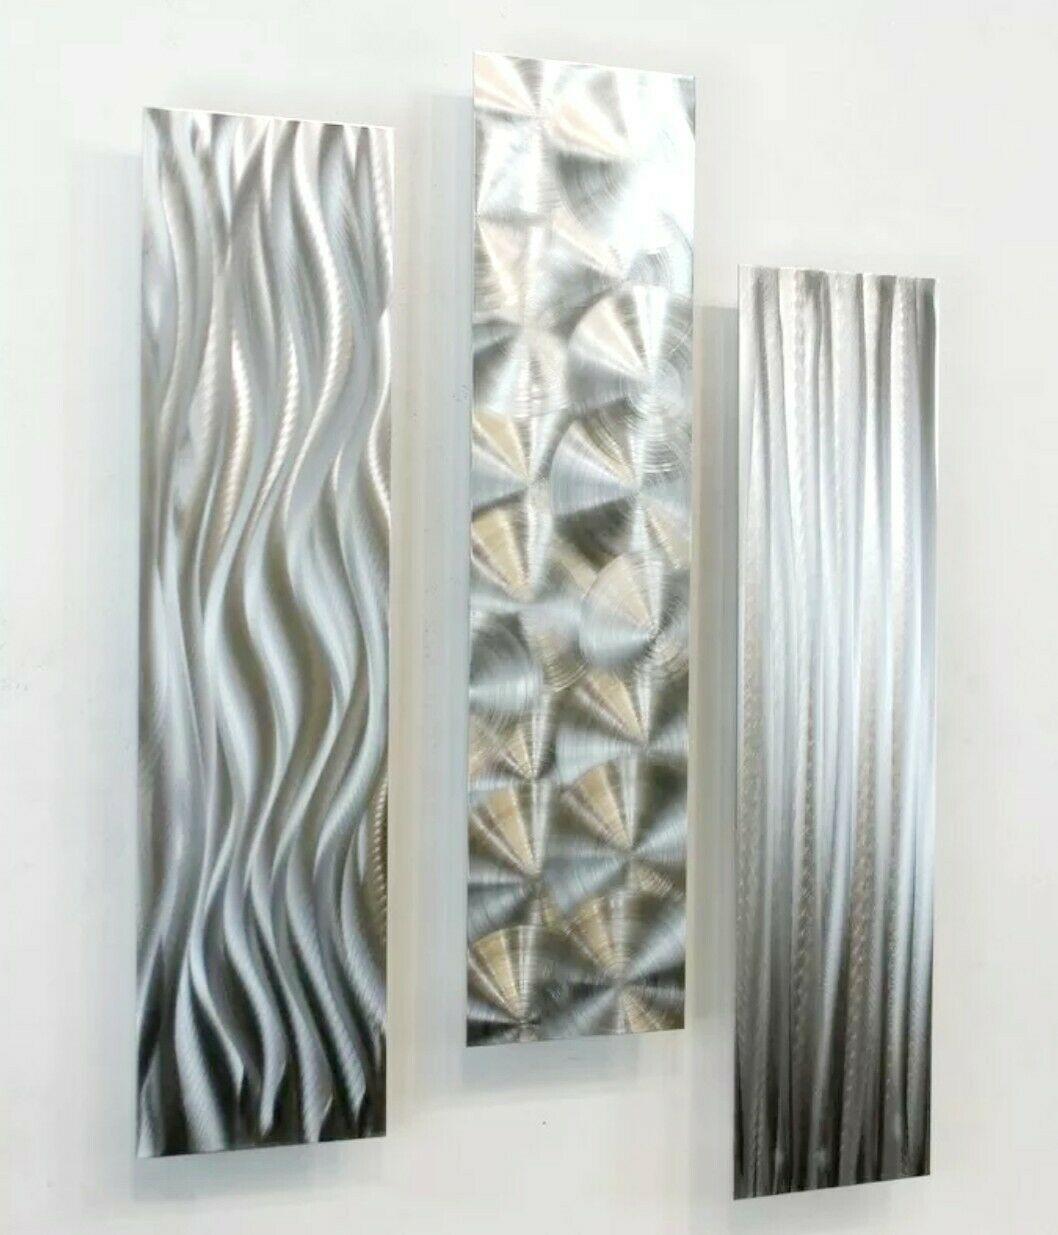 Dynamic Metal Wall Art 3 Panels Modern Silver Accent Decor Original Jon Allen In 2020 Metal Sculpture Wall Art Contemporary Metal Wall Art Silver Wall Art